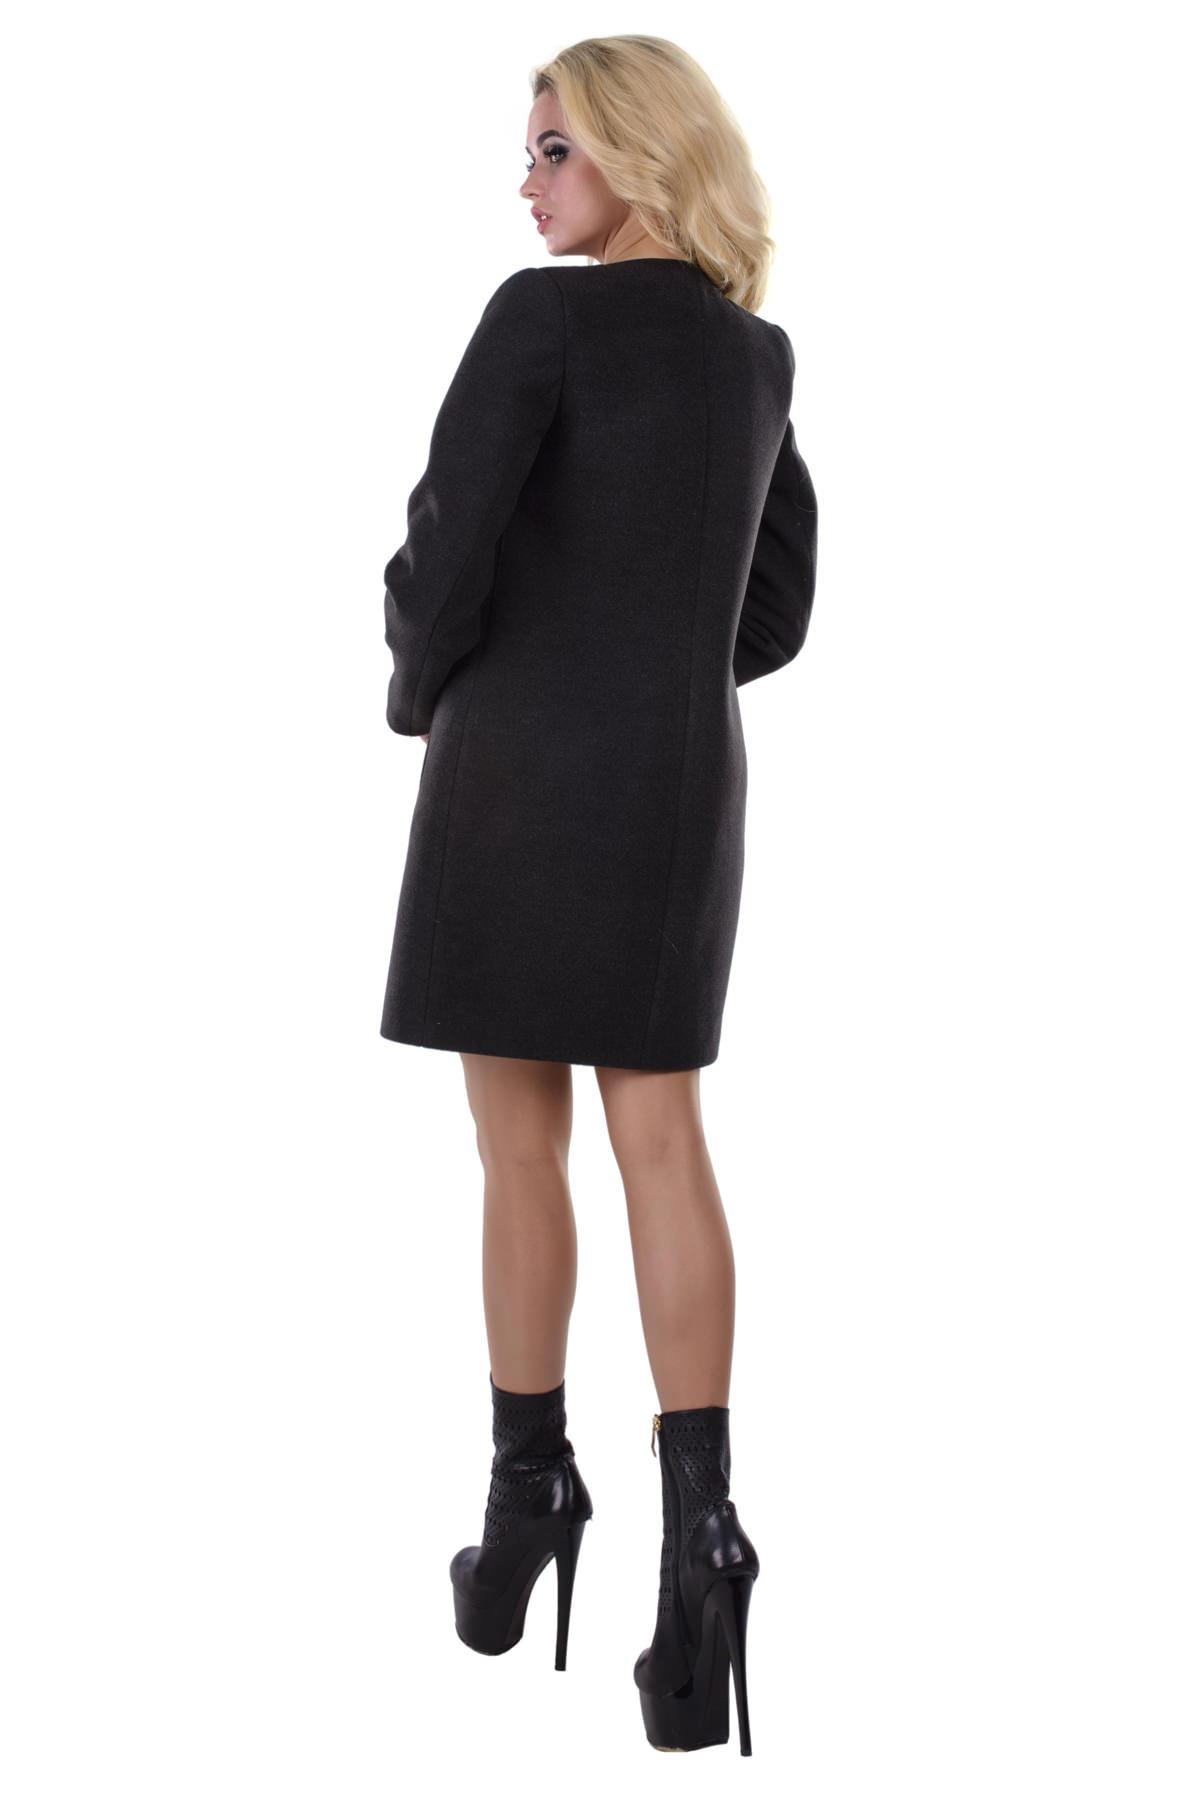 Пальто Фортуна 4812 Цвет: Тёмно-серый